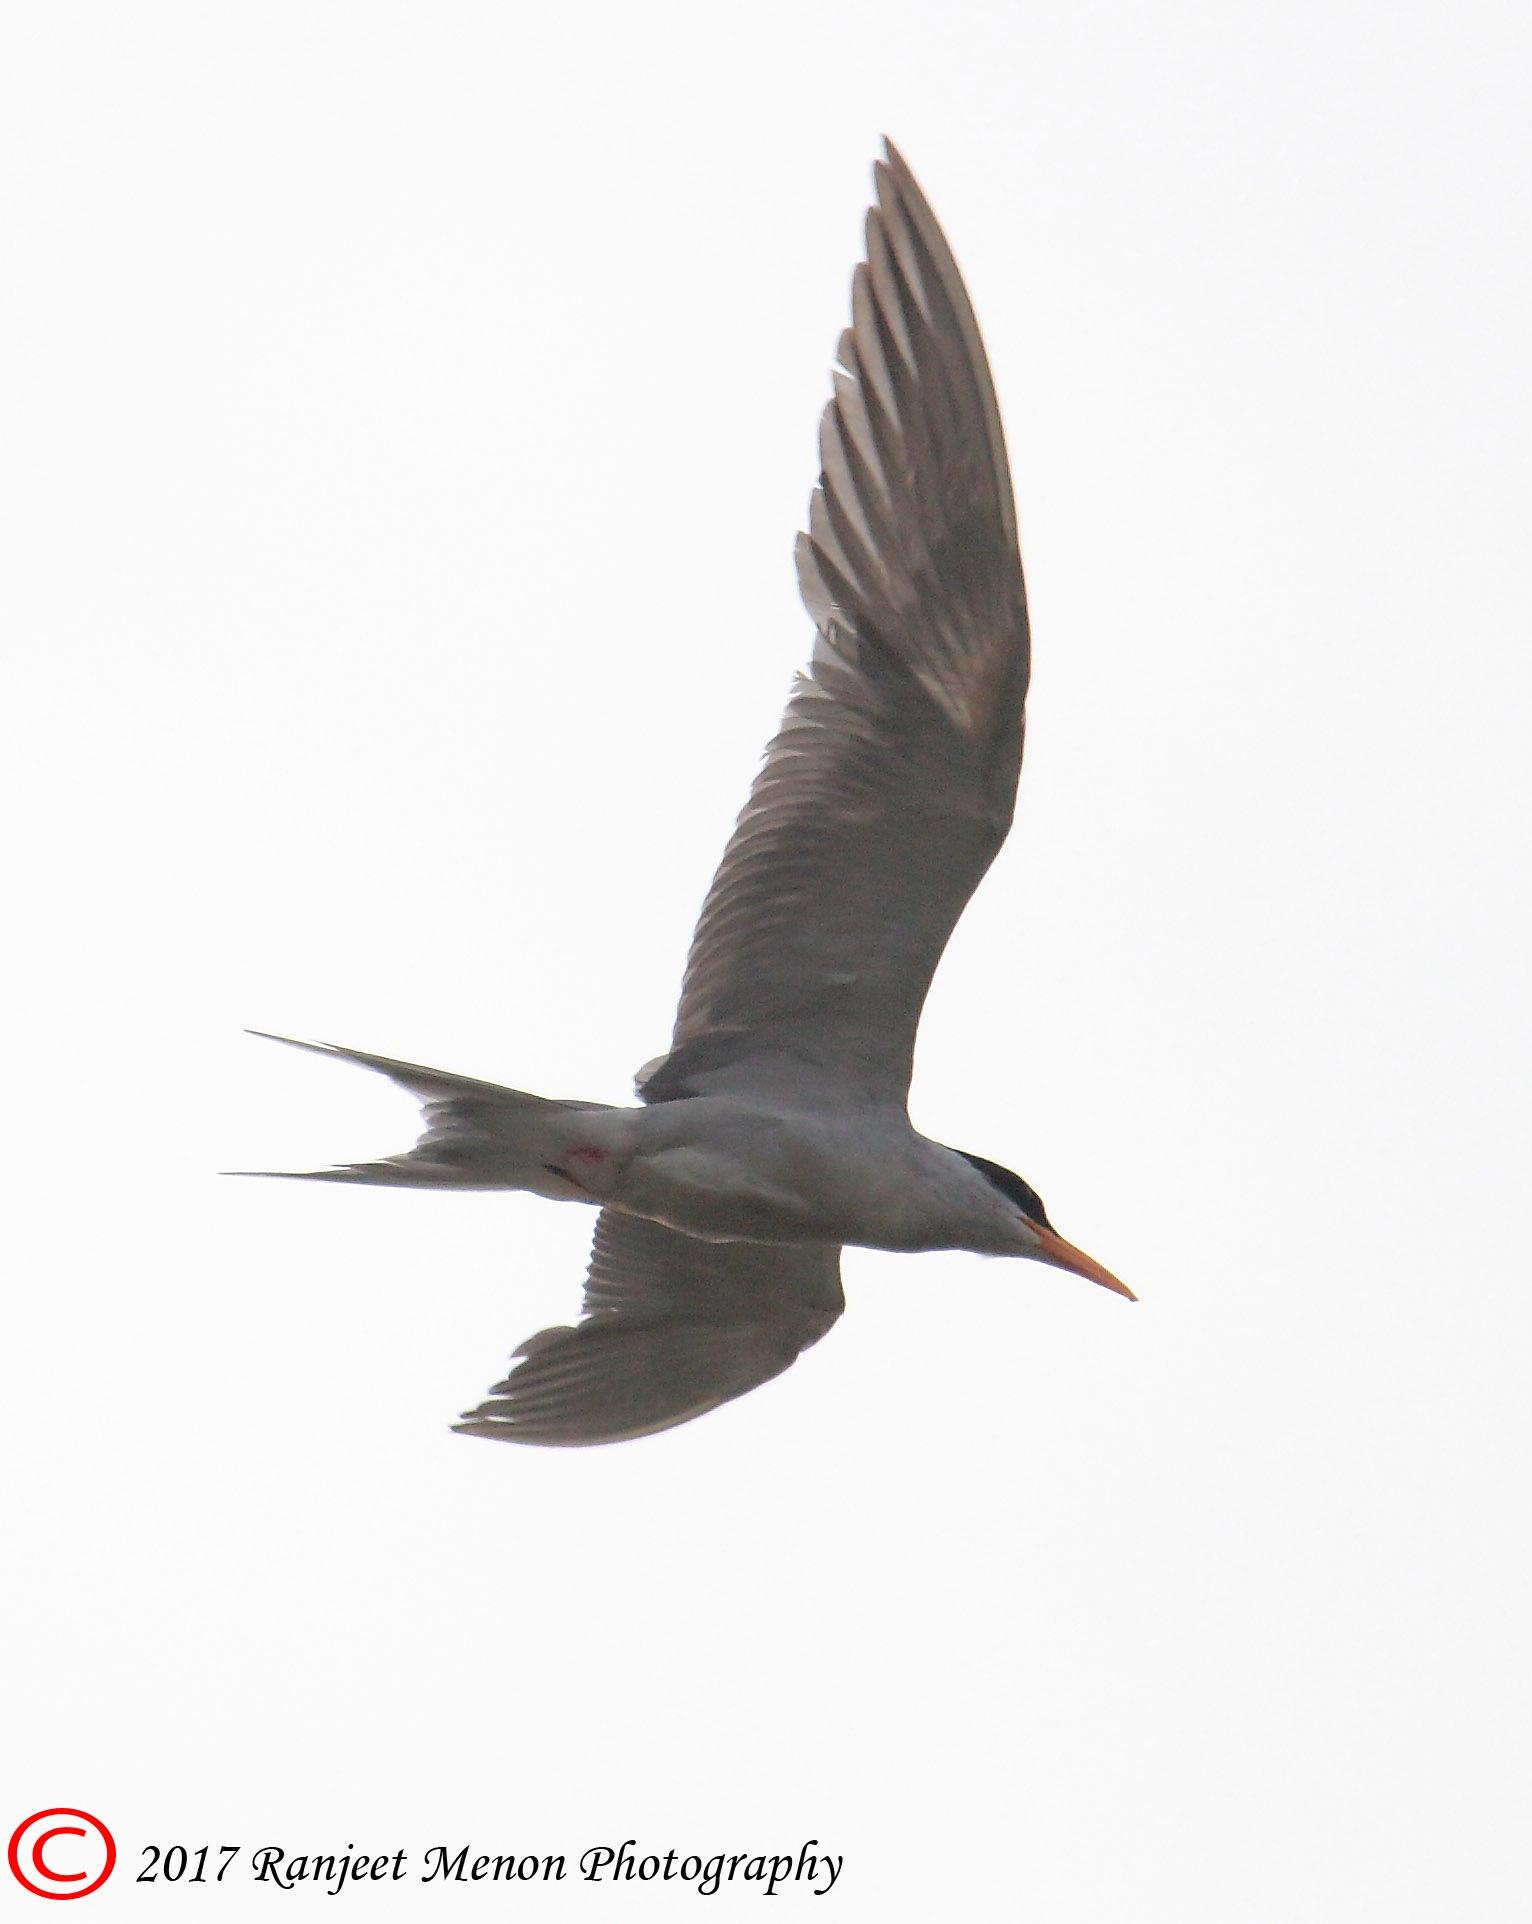 River Tern in flight by Ranjeet Menon